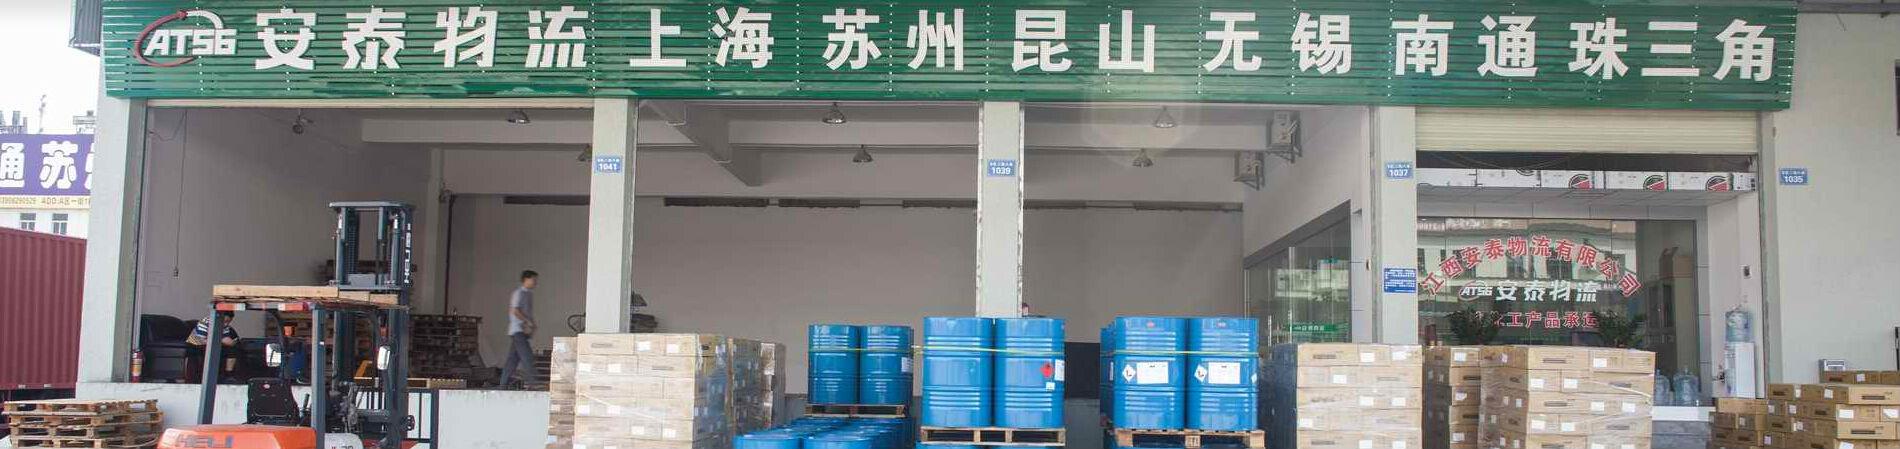 发物流:广汉至黑河逊克危废物流公司